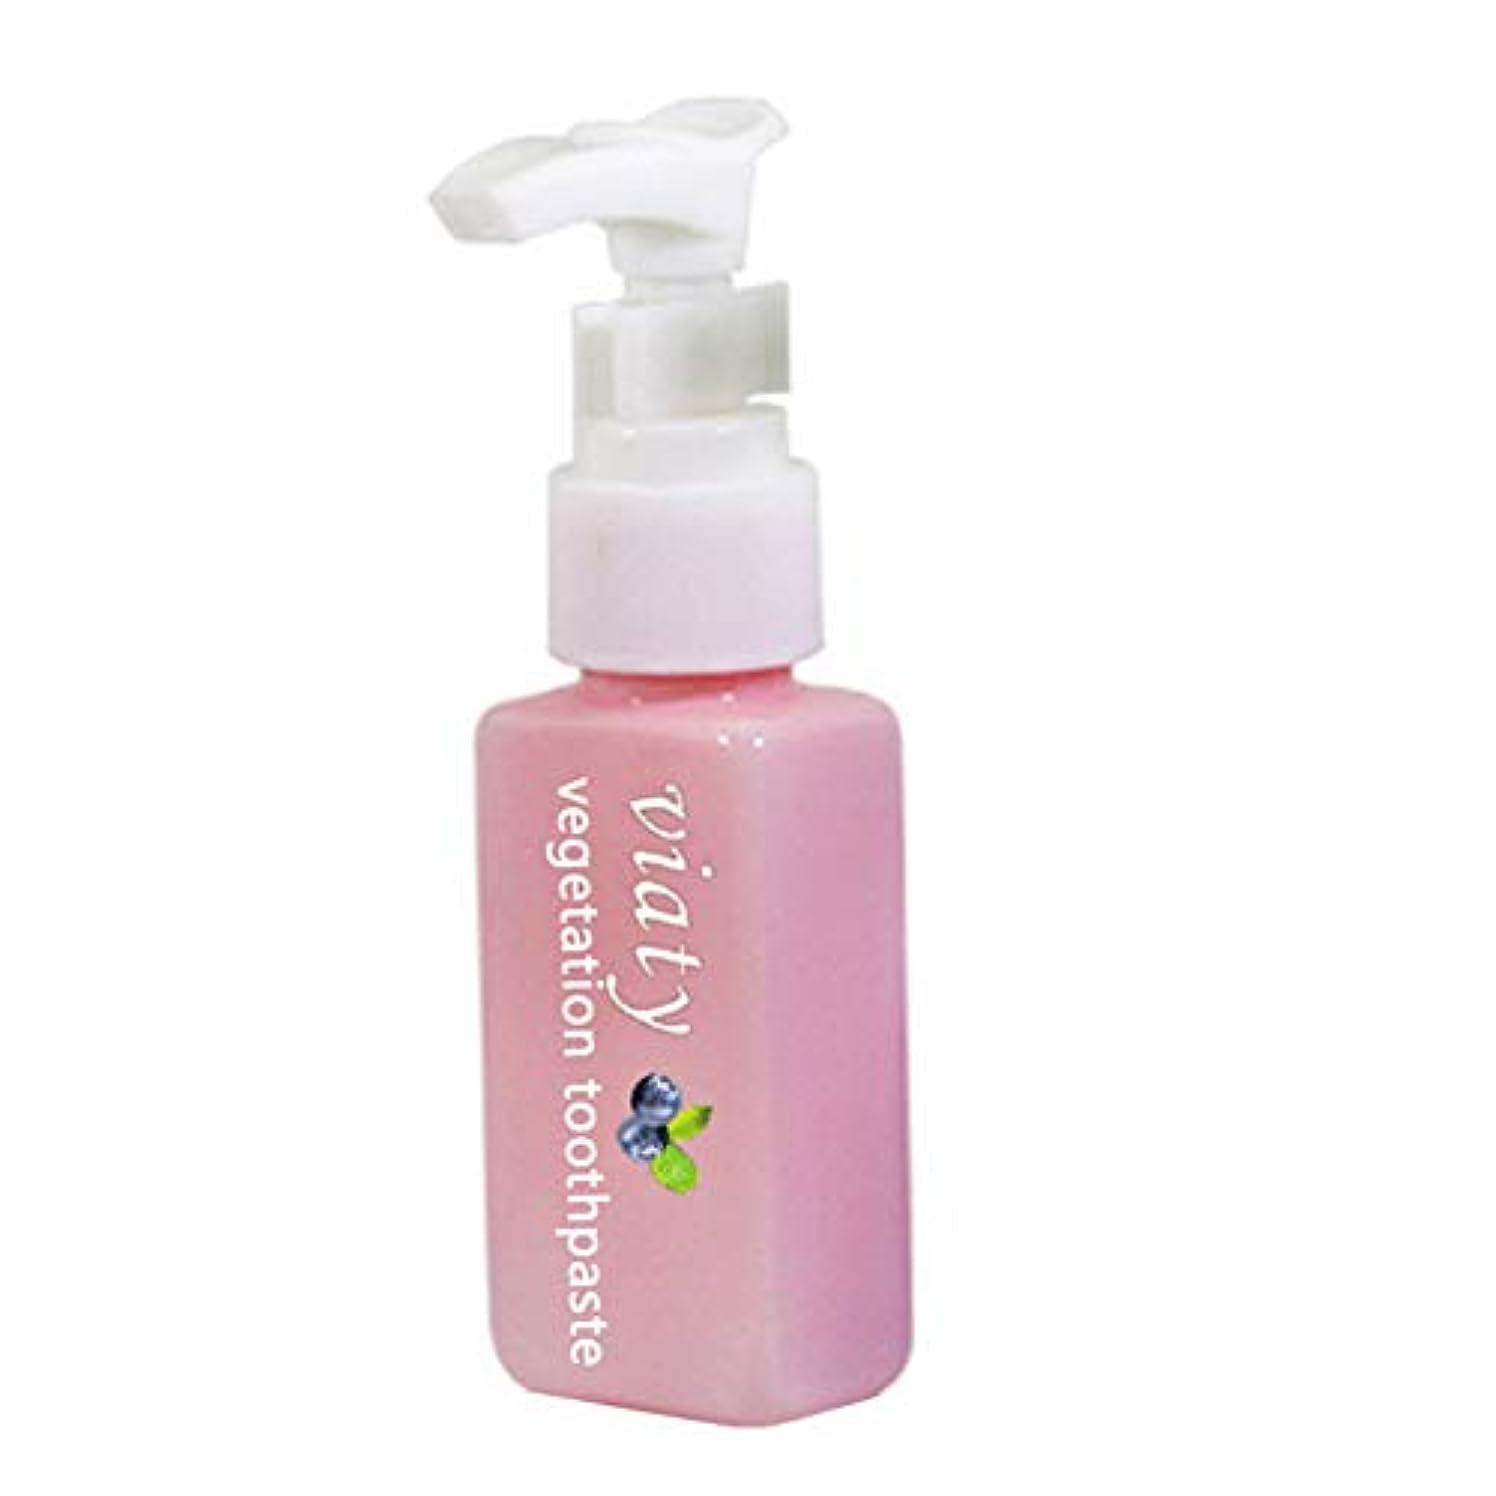 第三承知しましたチャネルTenflyer歯磨き粉アンチブリードガムプレスタイプ新鮮な歯磨き粉を白くする汚れ除去剤